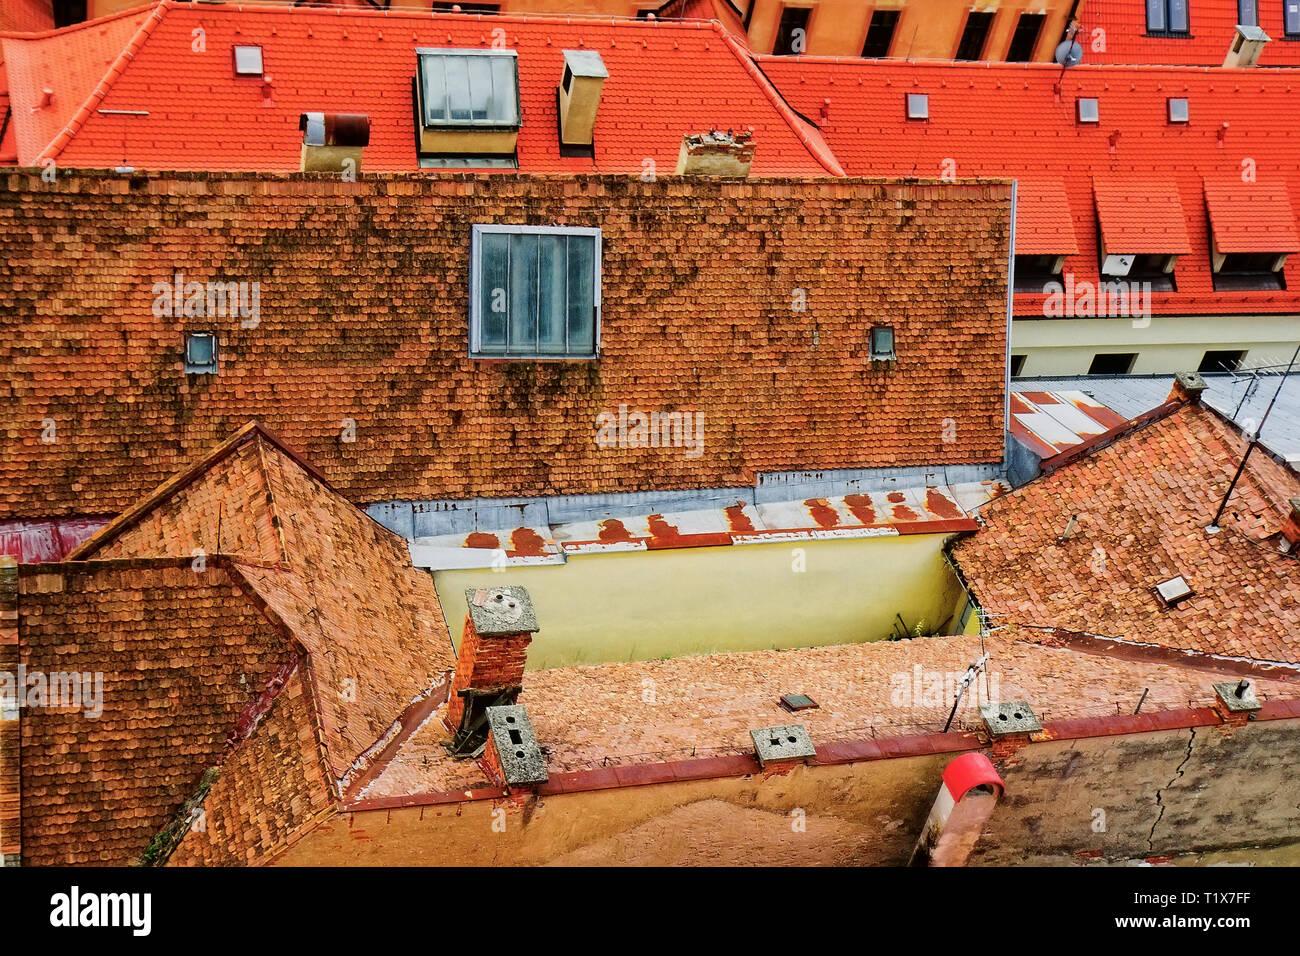 Alte Häuser mit Fliesen- grosses harmonisch ineinander über die Dächer der Häuser von neuen Gebäuden. Das Konzept der Alten und Neuen in der Architektur. Ansicht von oben Stockbild